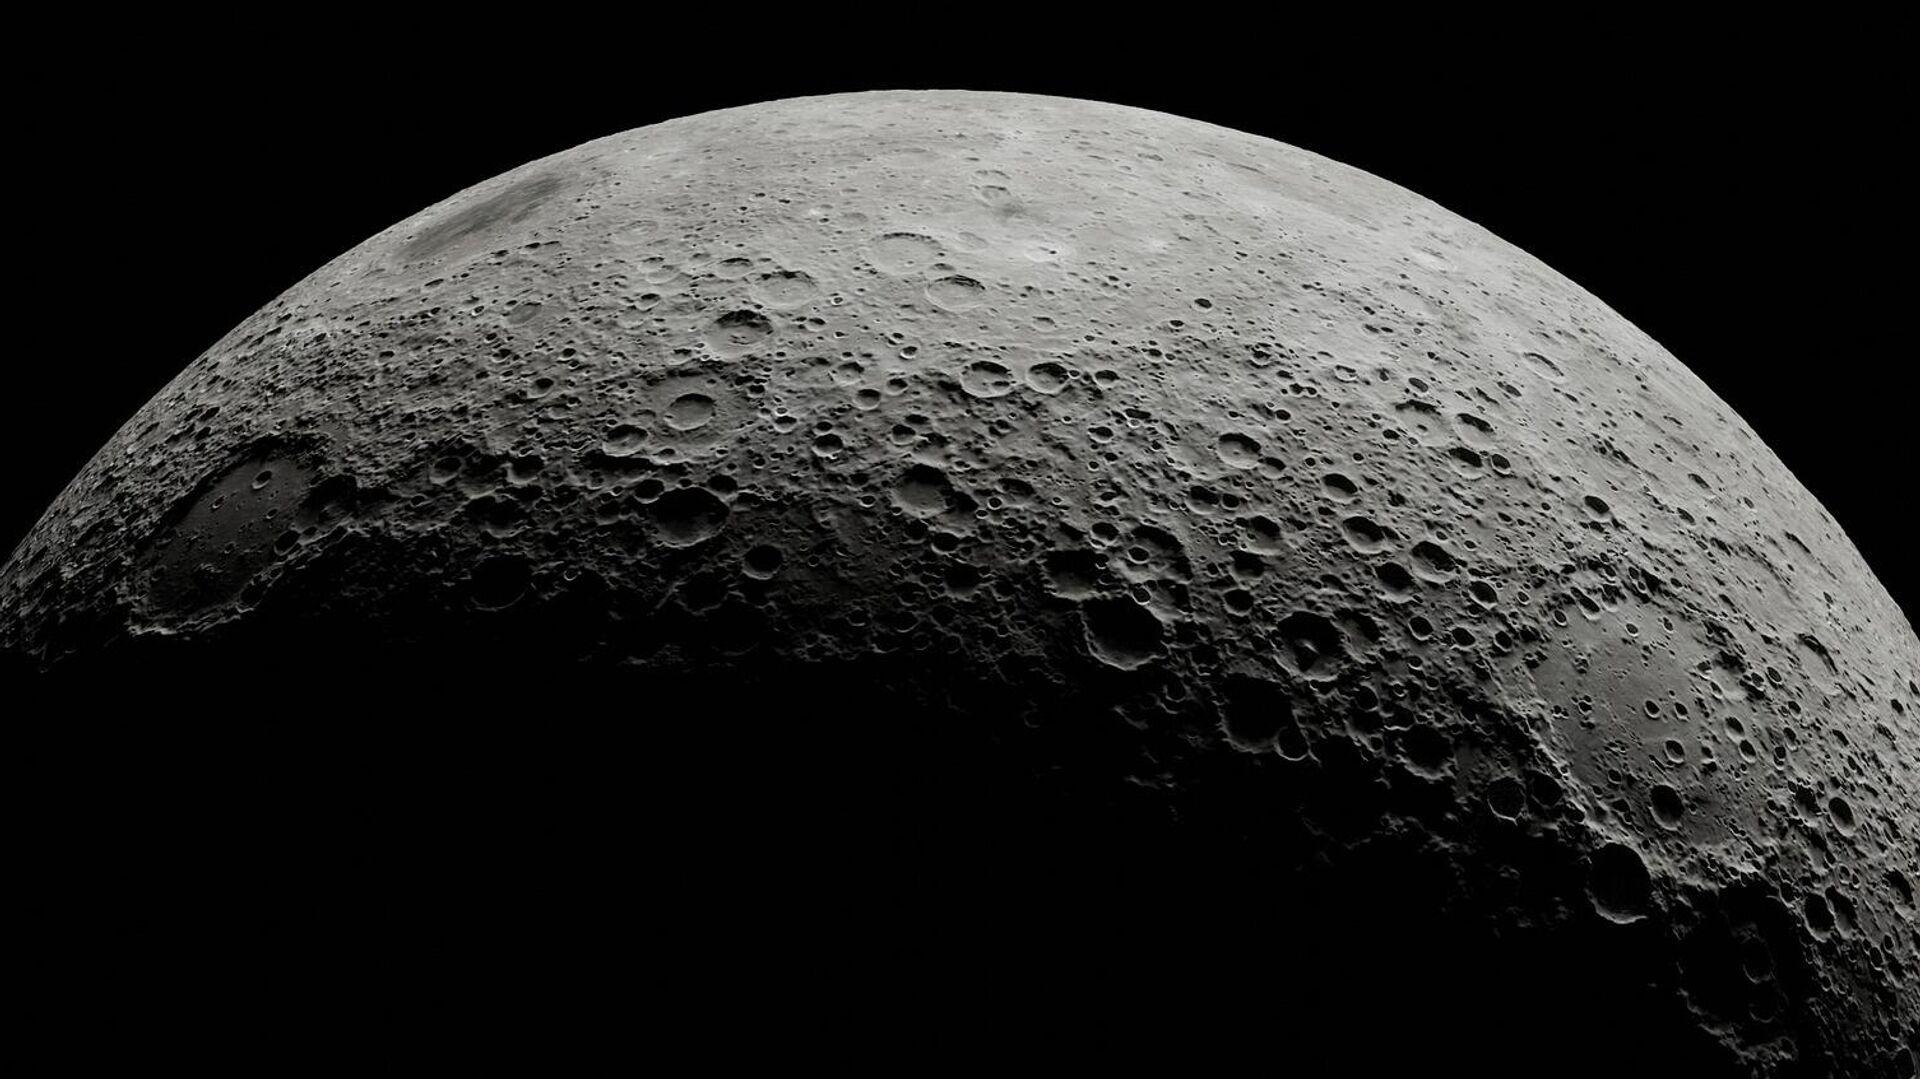 La superficie de la Luna, ilustración - Sputnik Mundo, 1920, 19.09.2021